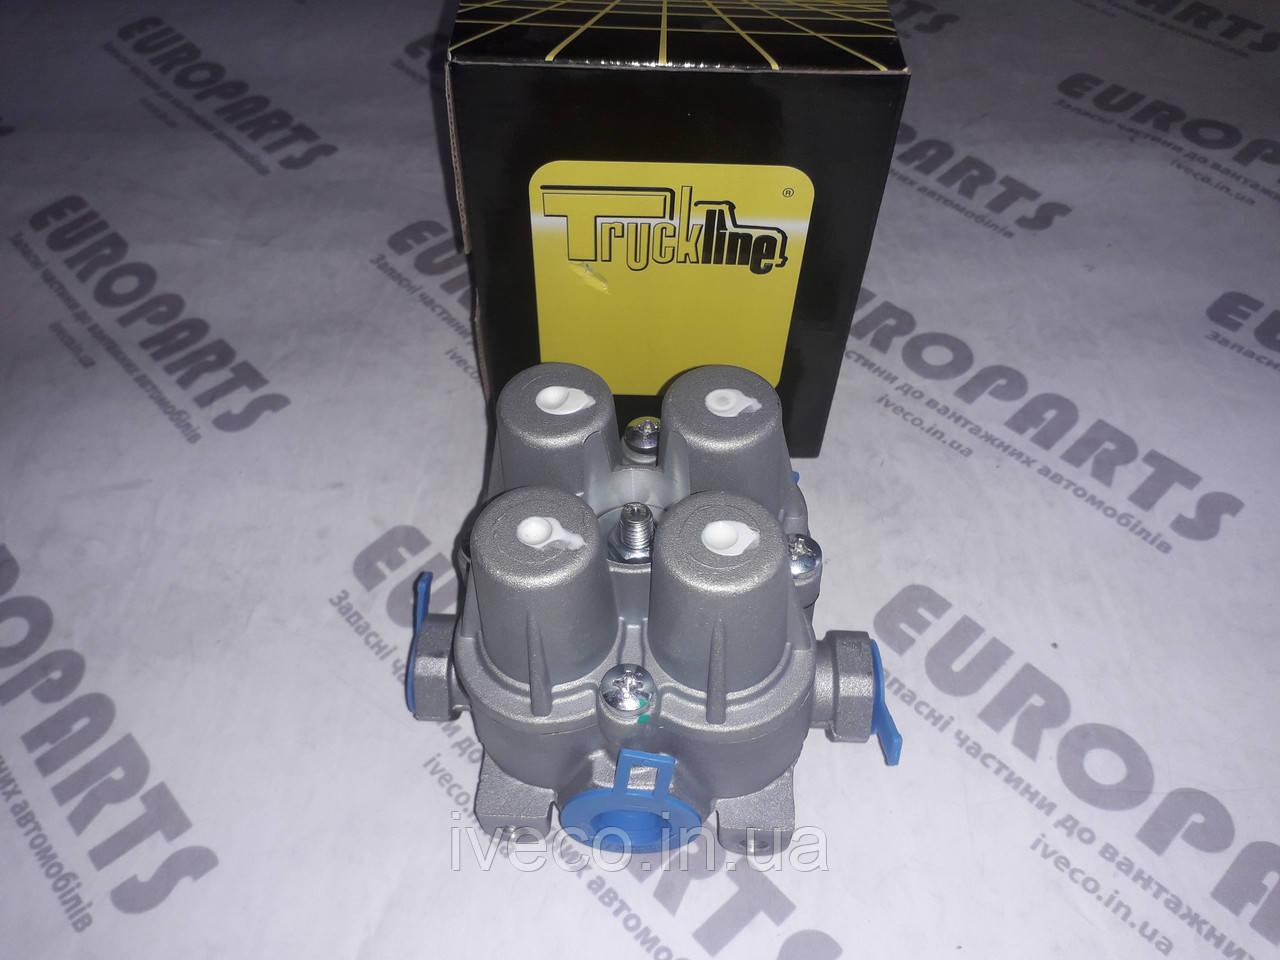 42078368 42530051 AE4170 1506418 0670766 Кран клапан разгрузочный четырехконтурный IVECO DAF Ивеко Даф